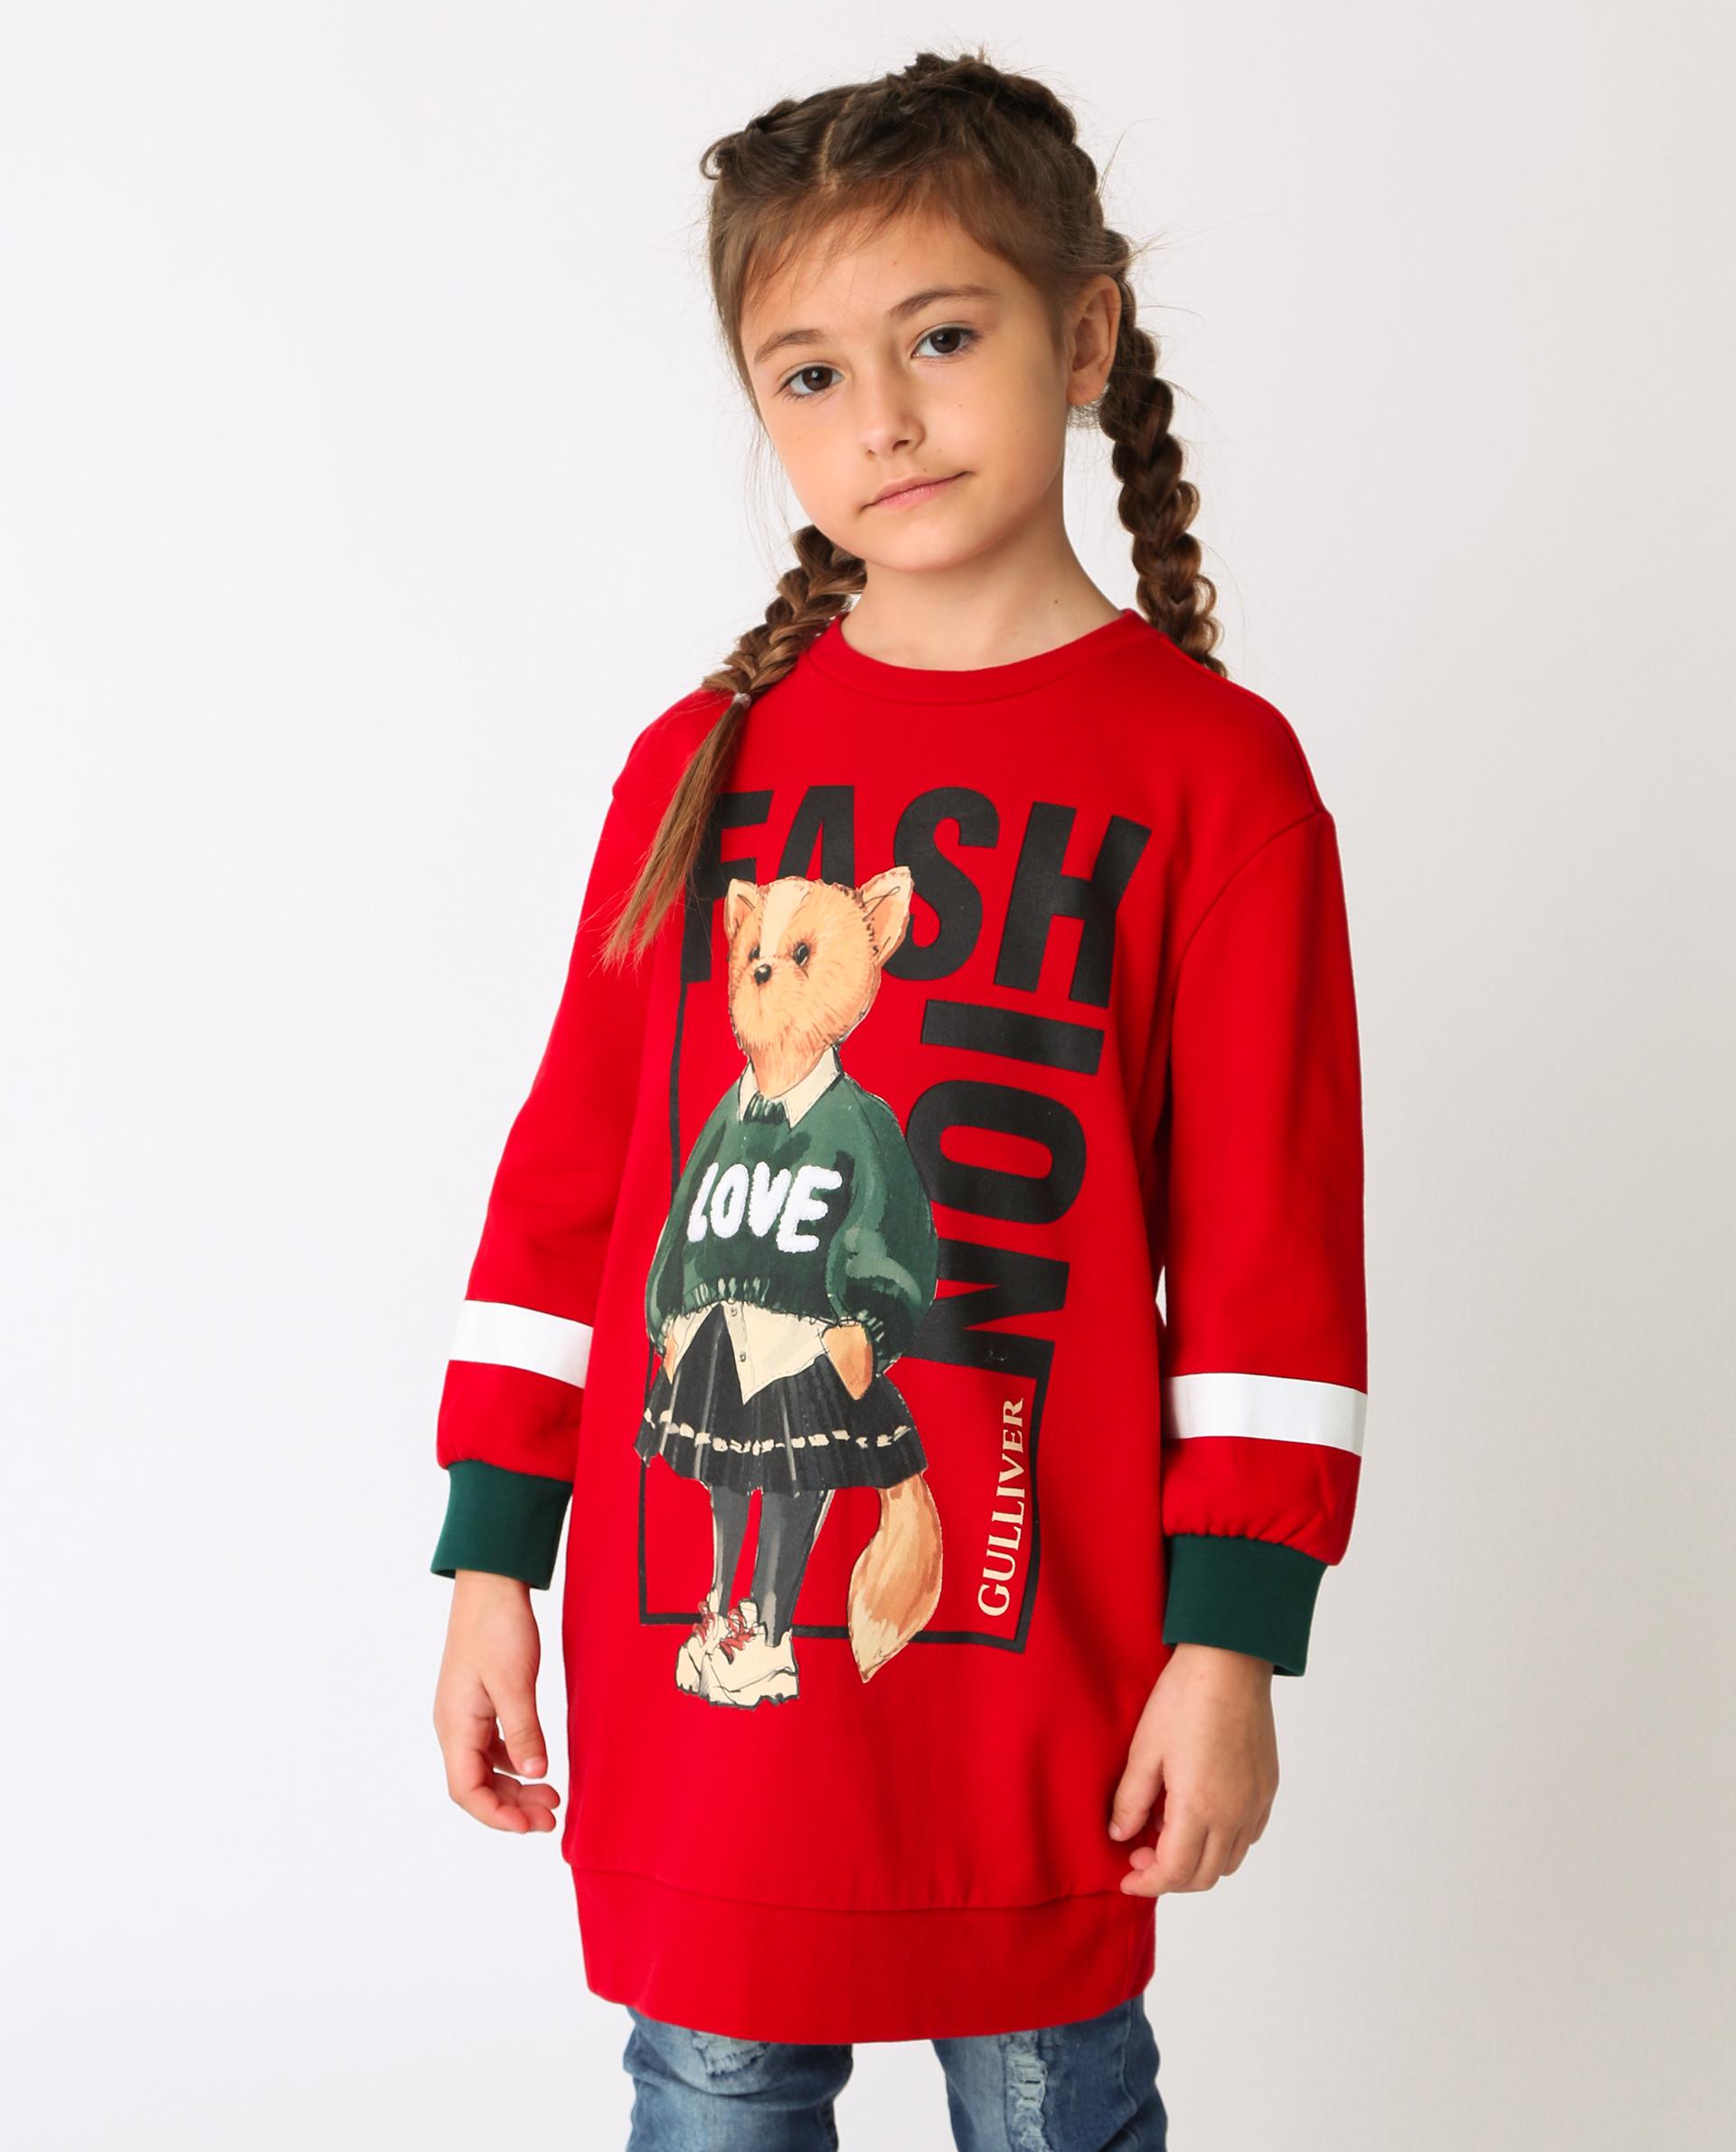 Купить 22002GMC5003, Красное платье Gulliver, красный, 116, Футер, Женский, Демисезон, ОСЕНЬ/ЗИМА 2020-2021 (shop: GulliverMarket Gulliver Market)